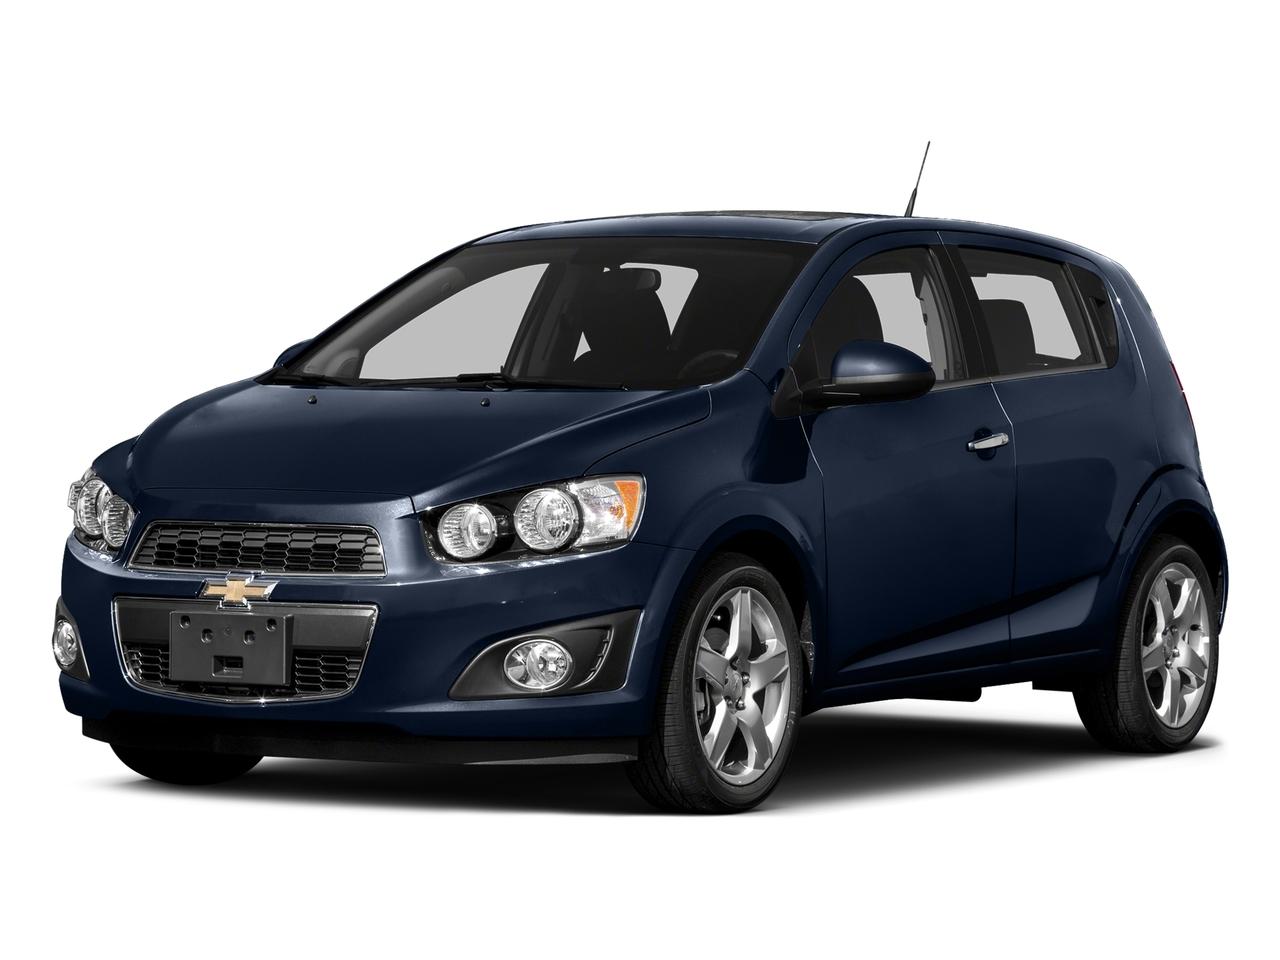 blue velvet metallic 2016 Chevrolet Sonic LT Hatchback Wake Forest NC